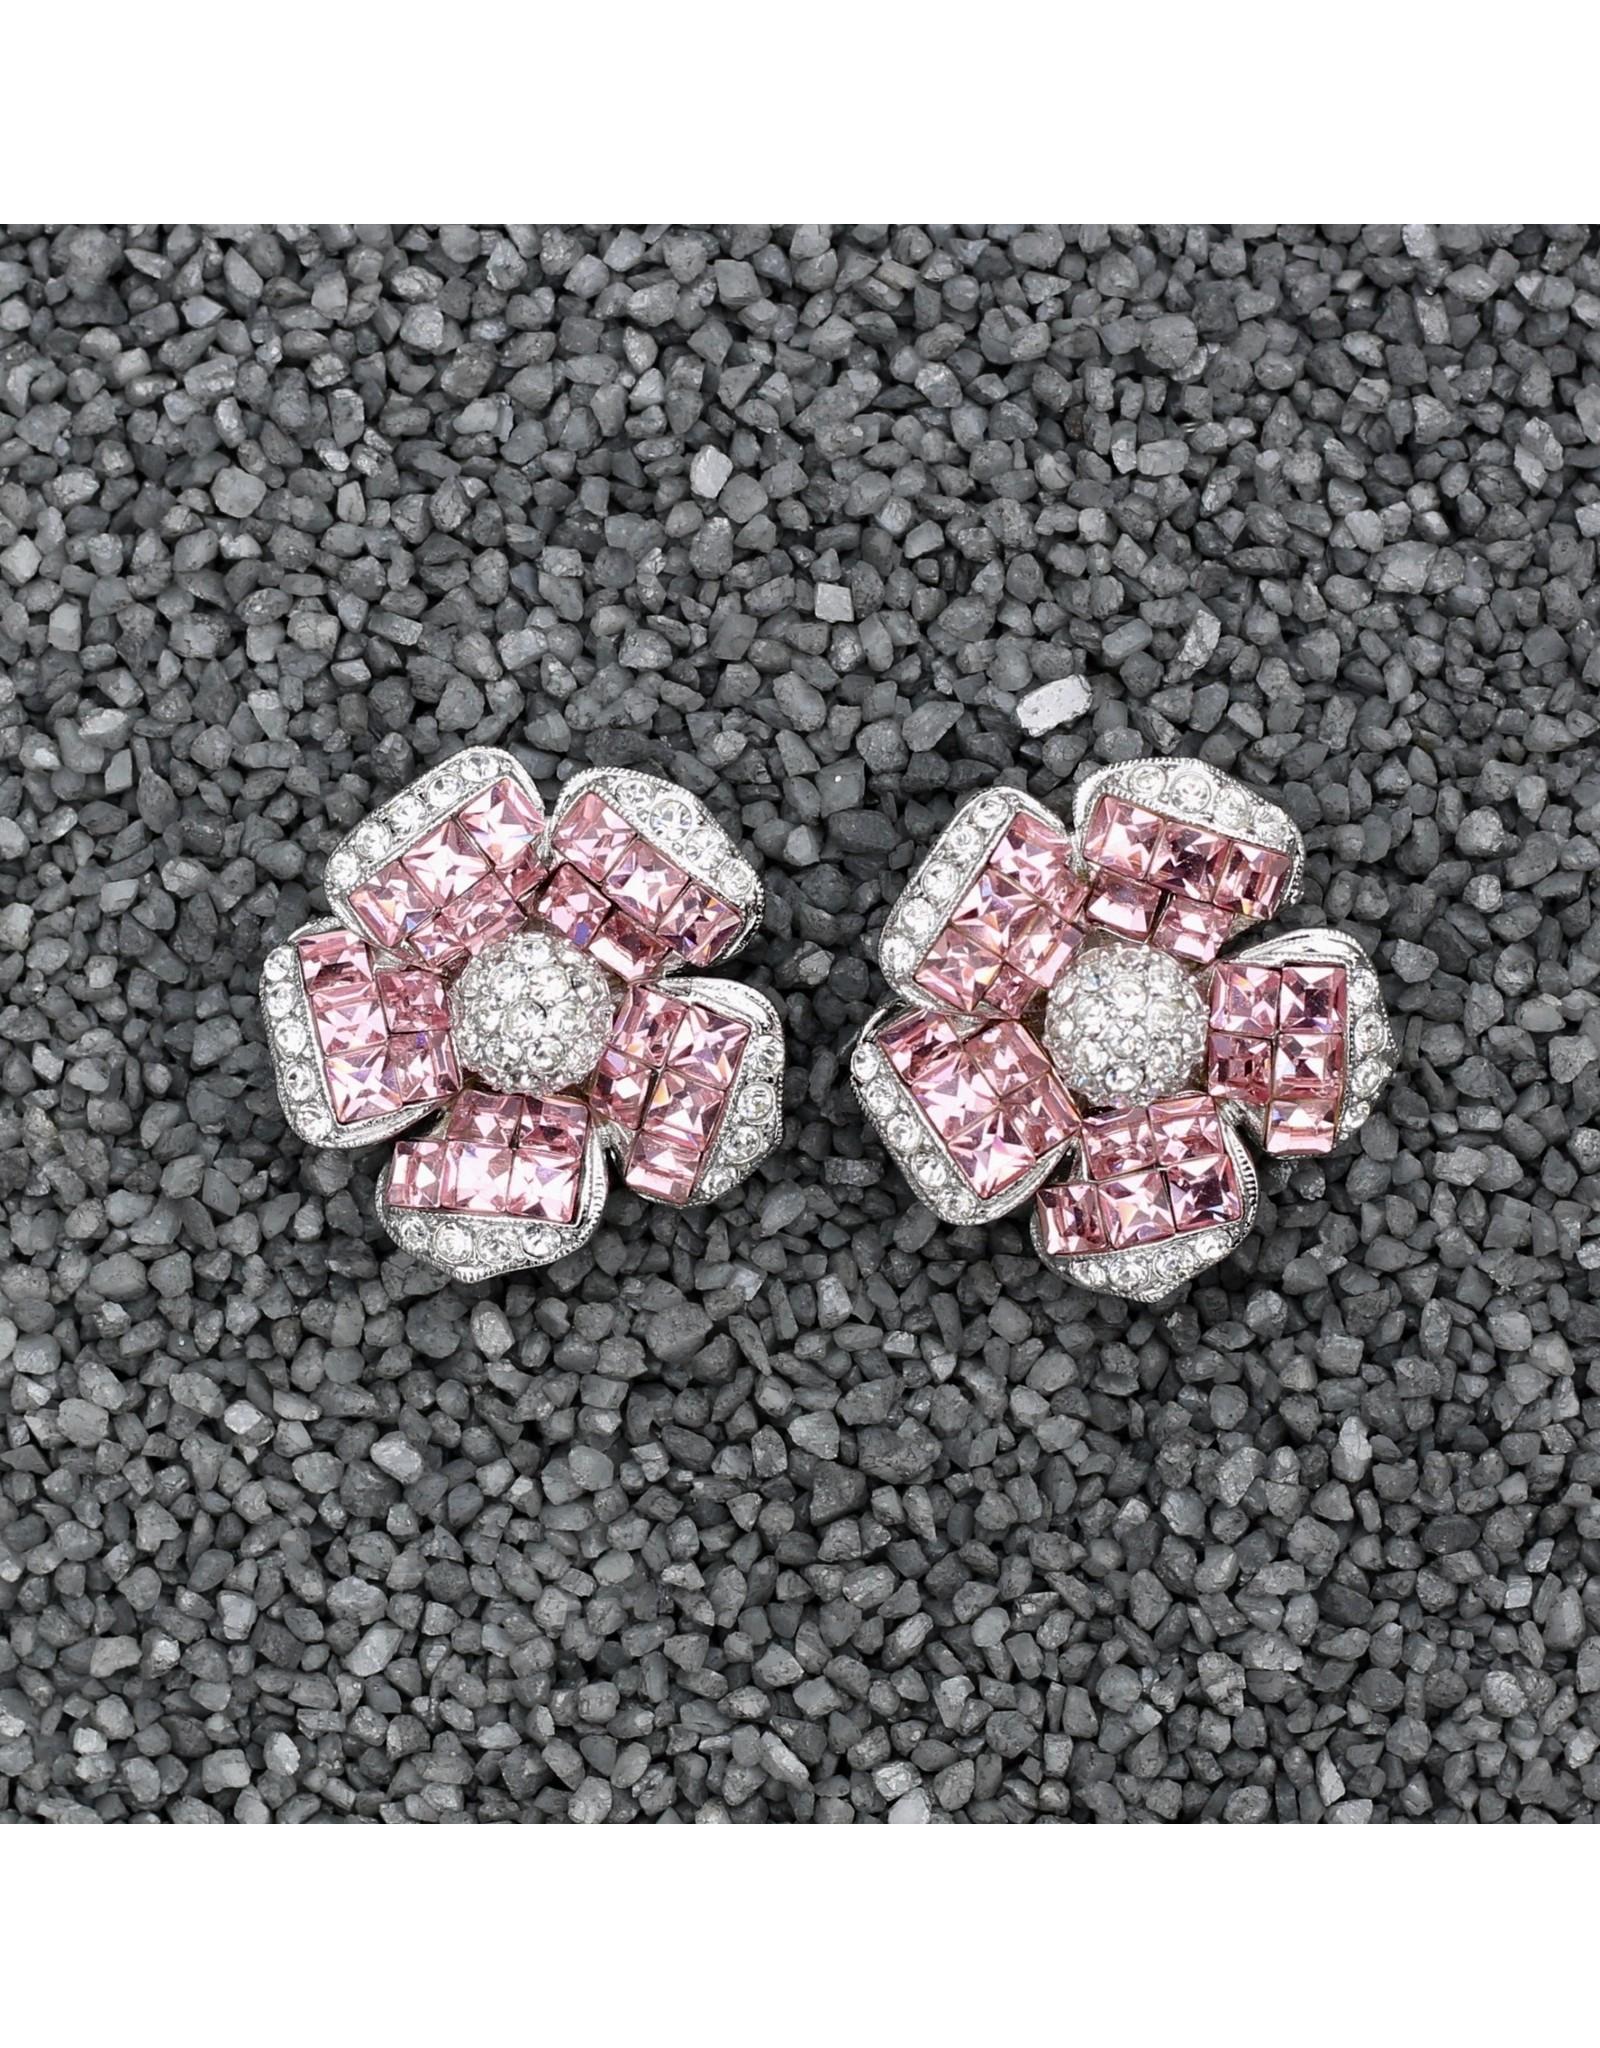 Jardin Jardin: Clear & Pink Crystal Flower Med